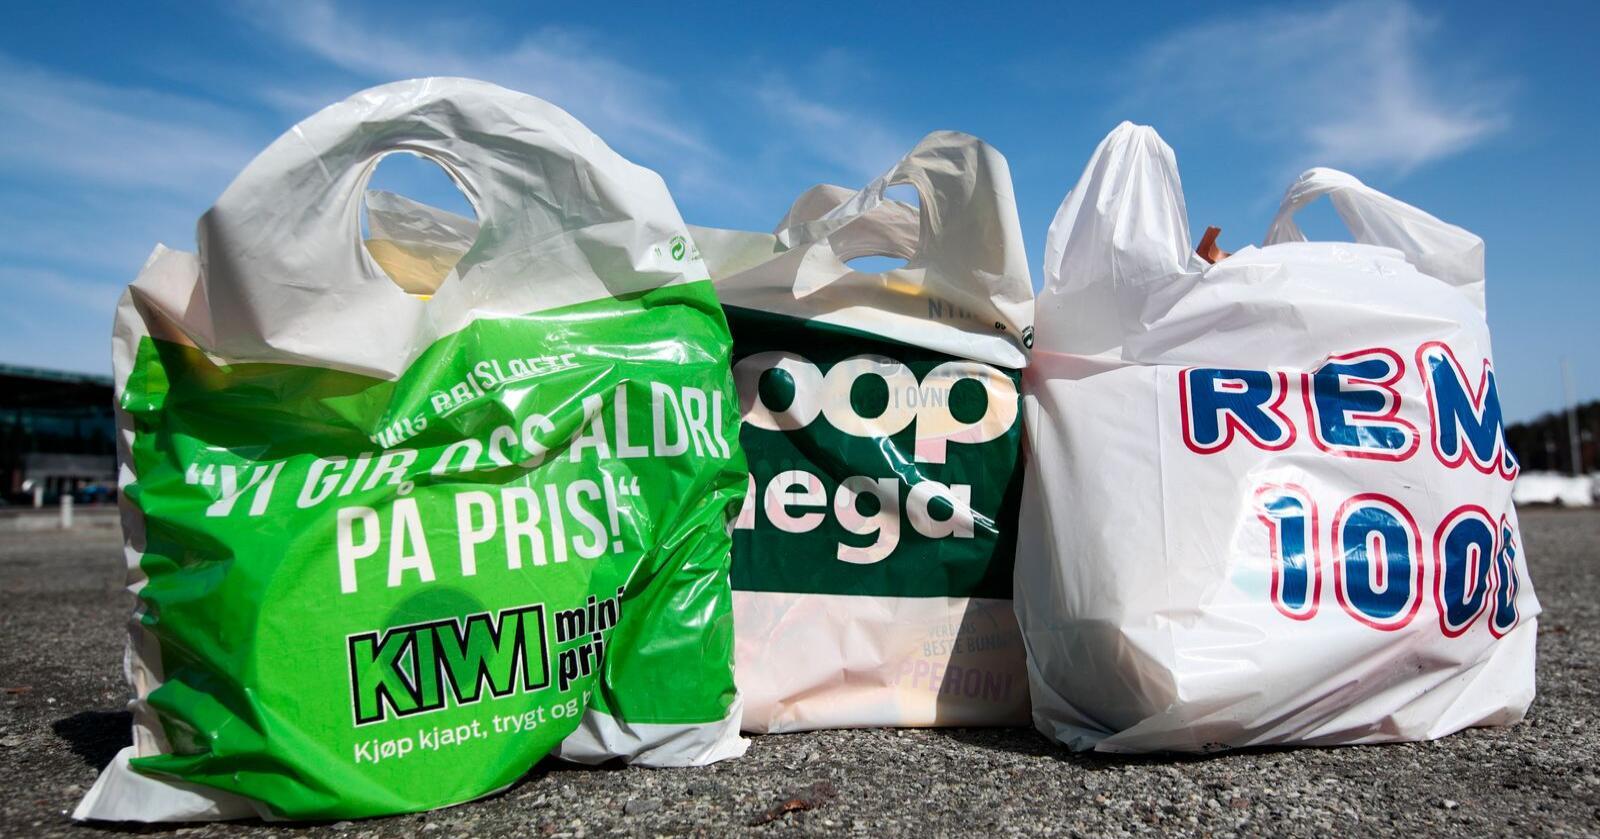 Konkurransetilsynet slo nylig fast i en rapport at det er forskjeller i innkjøpspriser mellom de tre store dagligvareaktørene. Foto: Lise Åserud / NTB scanpix